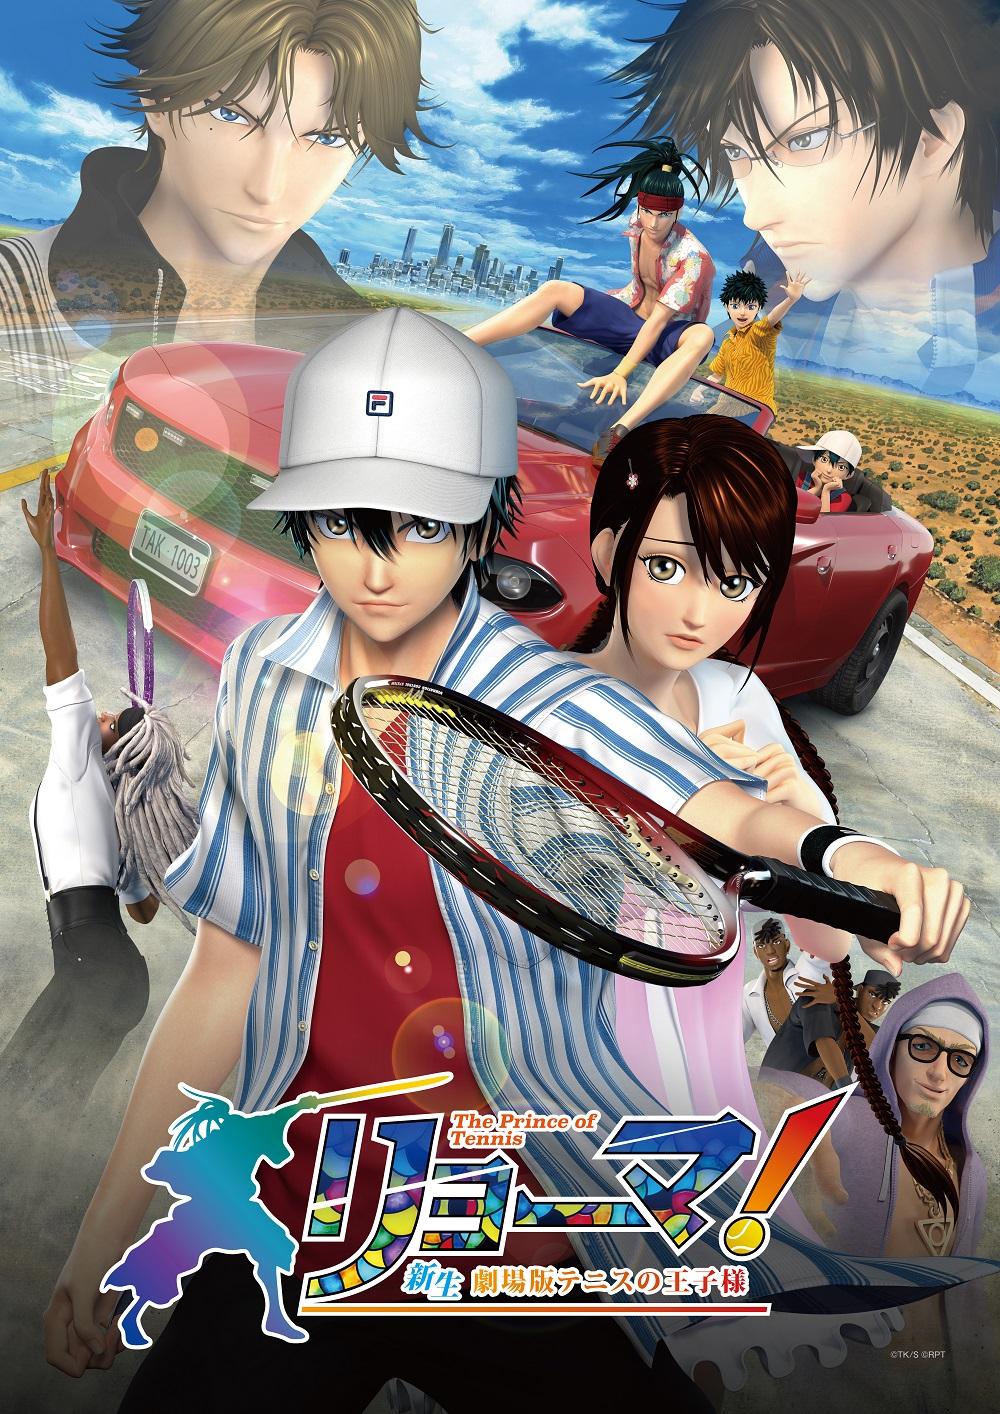 3DCG劇場版「テニスの王子様」ポスタービジュアル解禁!追加キャストに朴璐美さん&2タイプ上映が決定